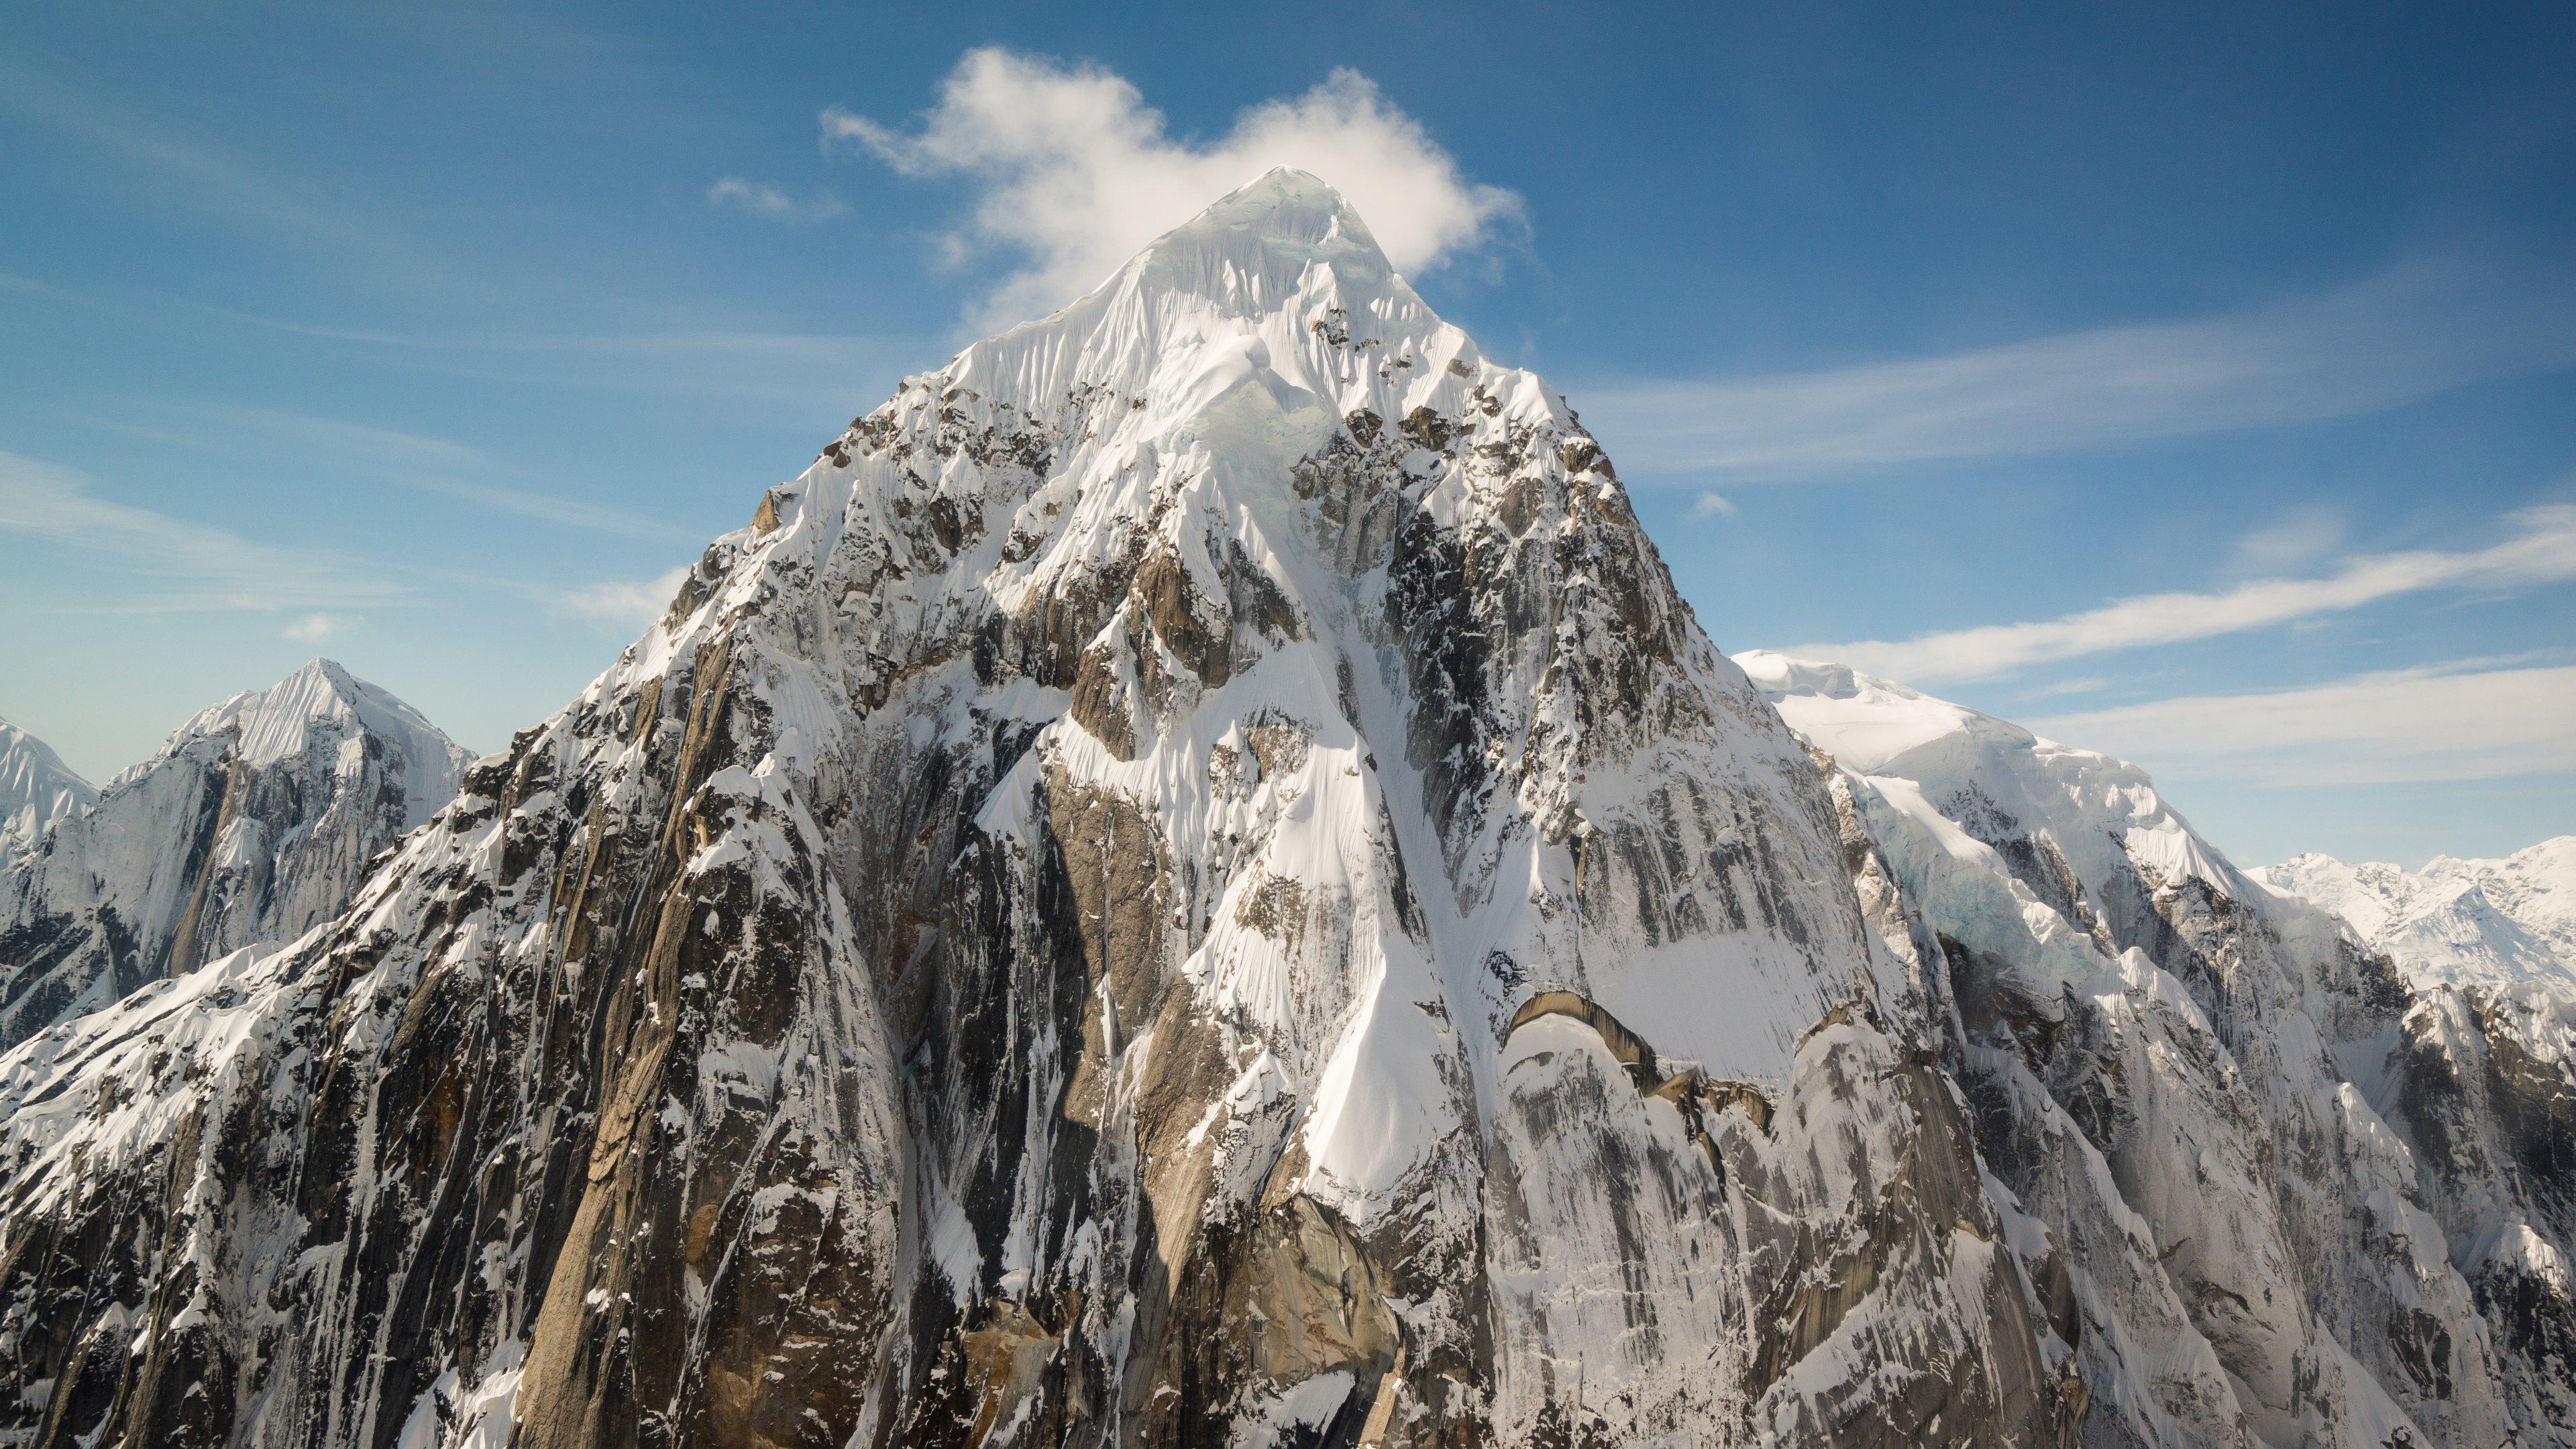 iphone mountain default wallpaper download